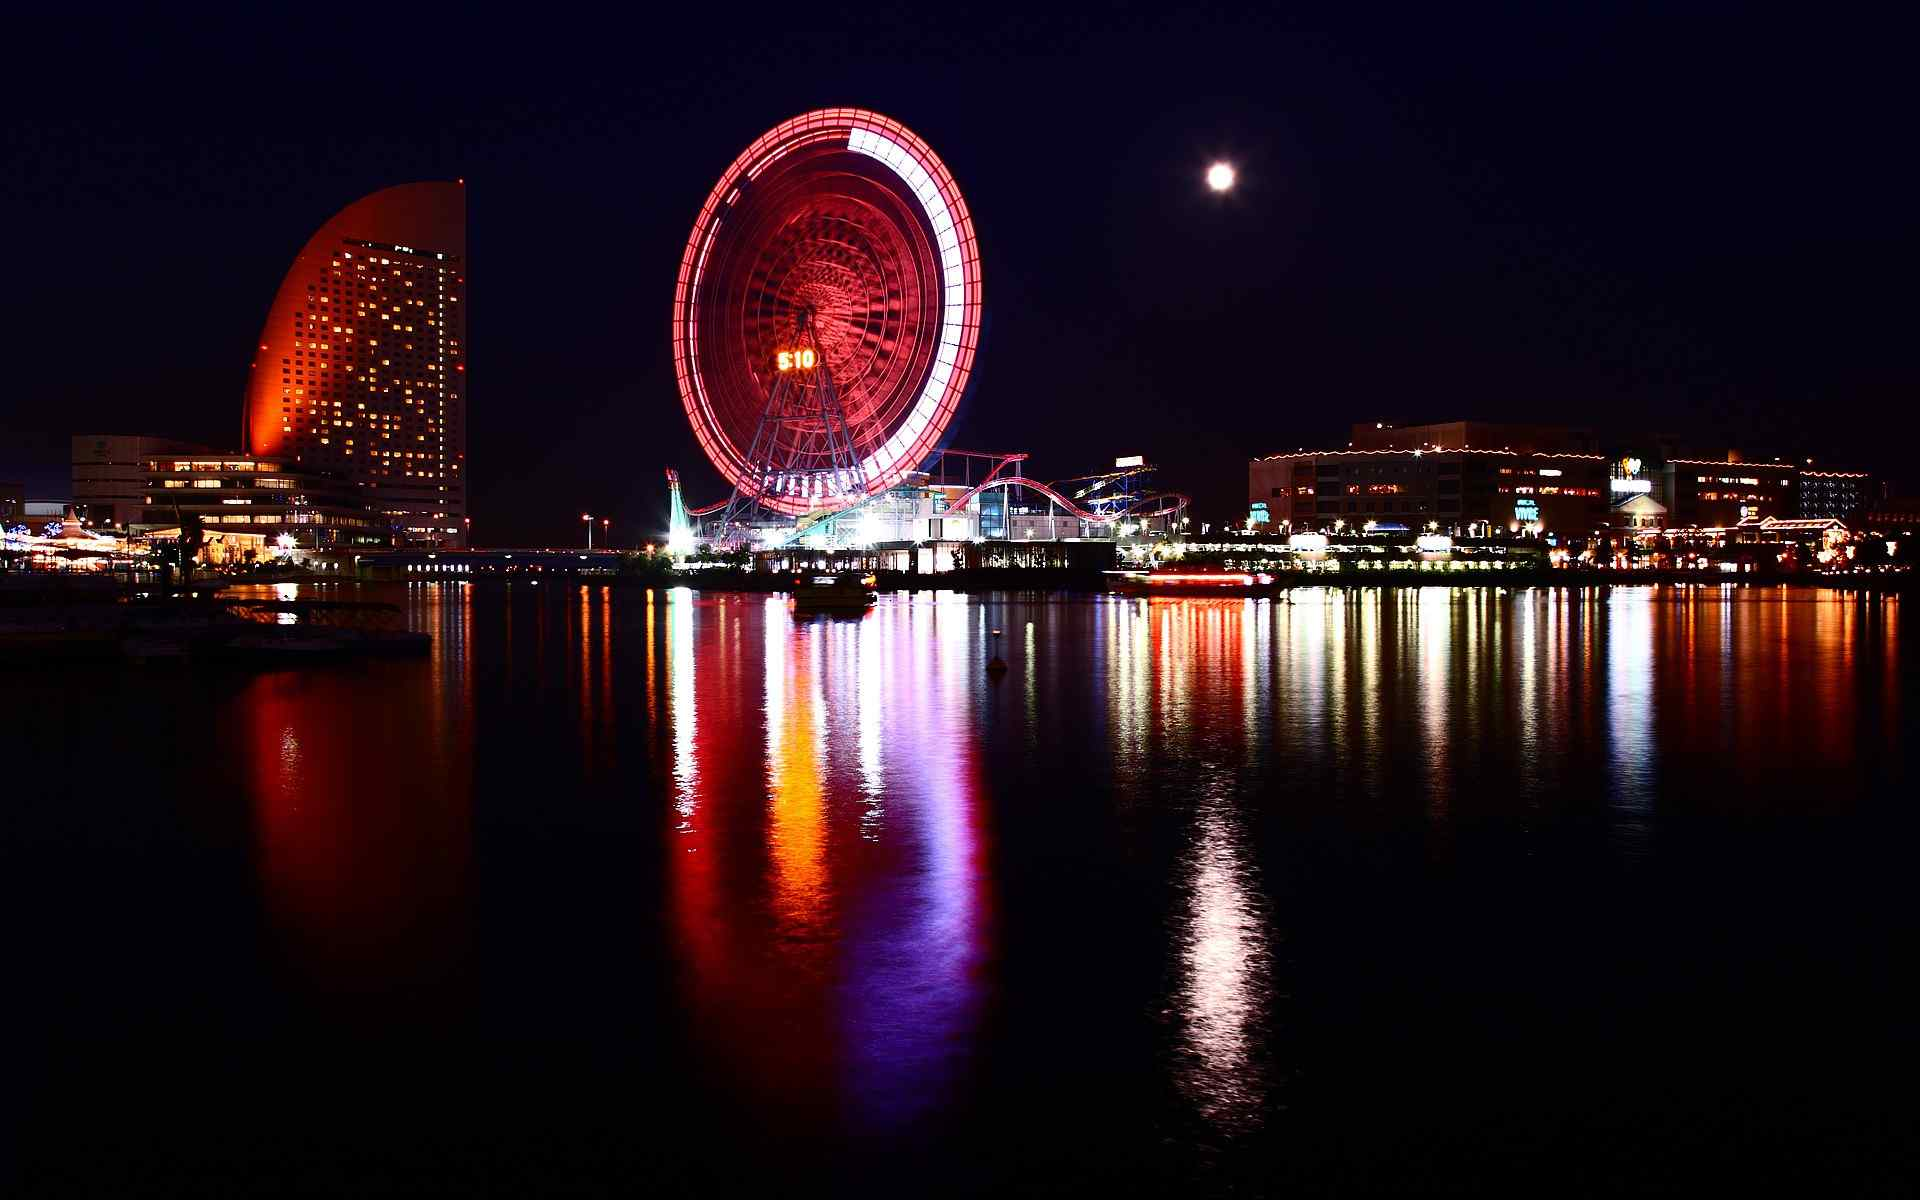 日本城市美景图片 日本著名景点风光高清壁纸 日本自然壁纸